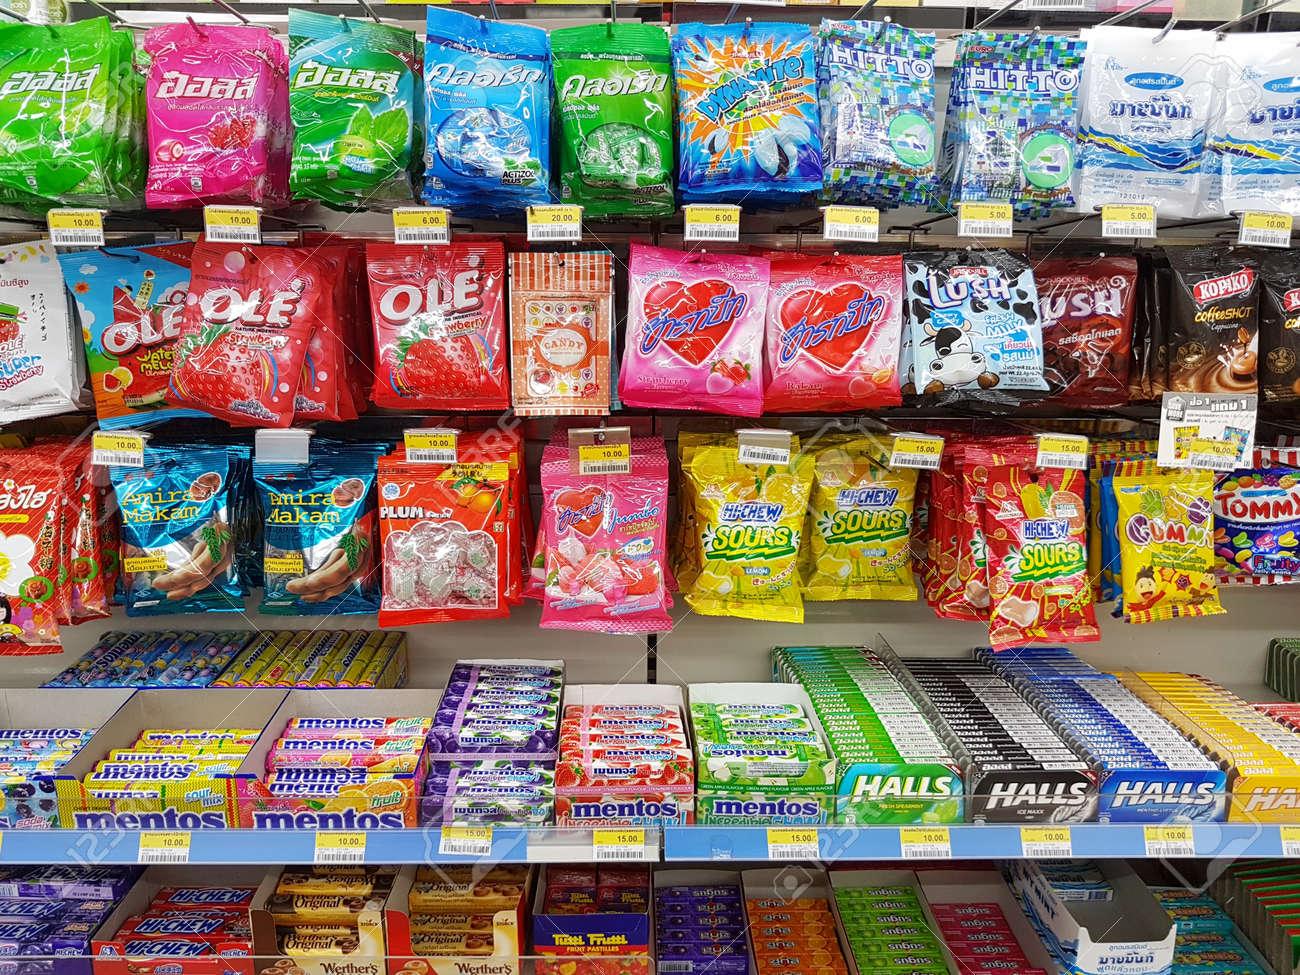 Kinh doanh hàng Thái Lan - Kinh nghiệm mở cửa hàng tiêu dùng Thái Lan   Thị Trường Sỉ